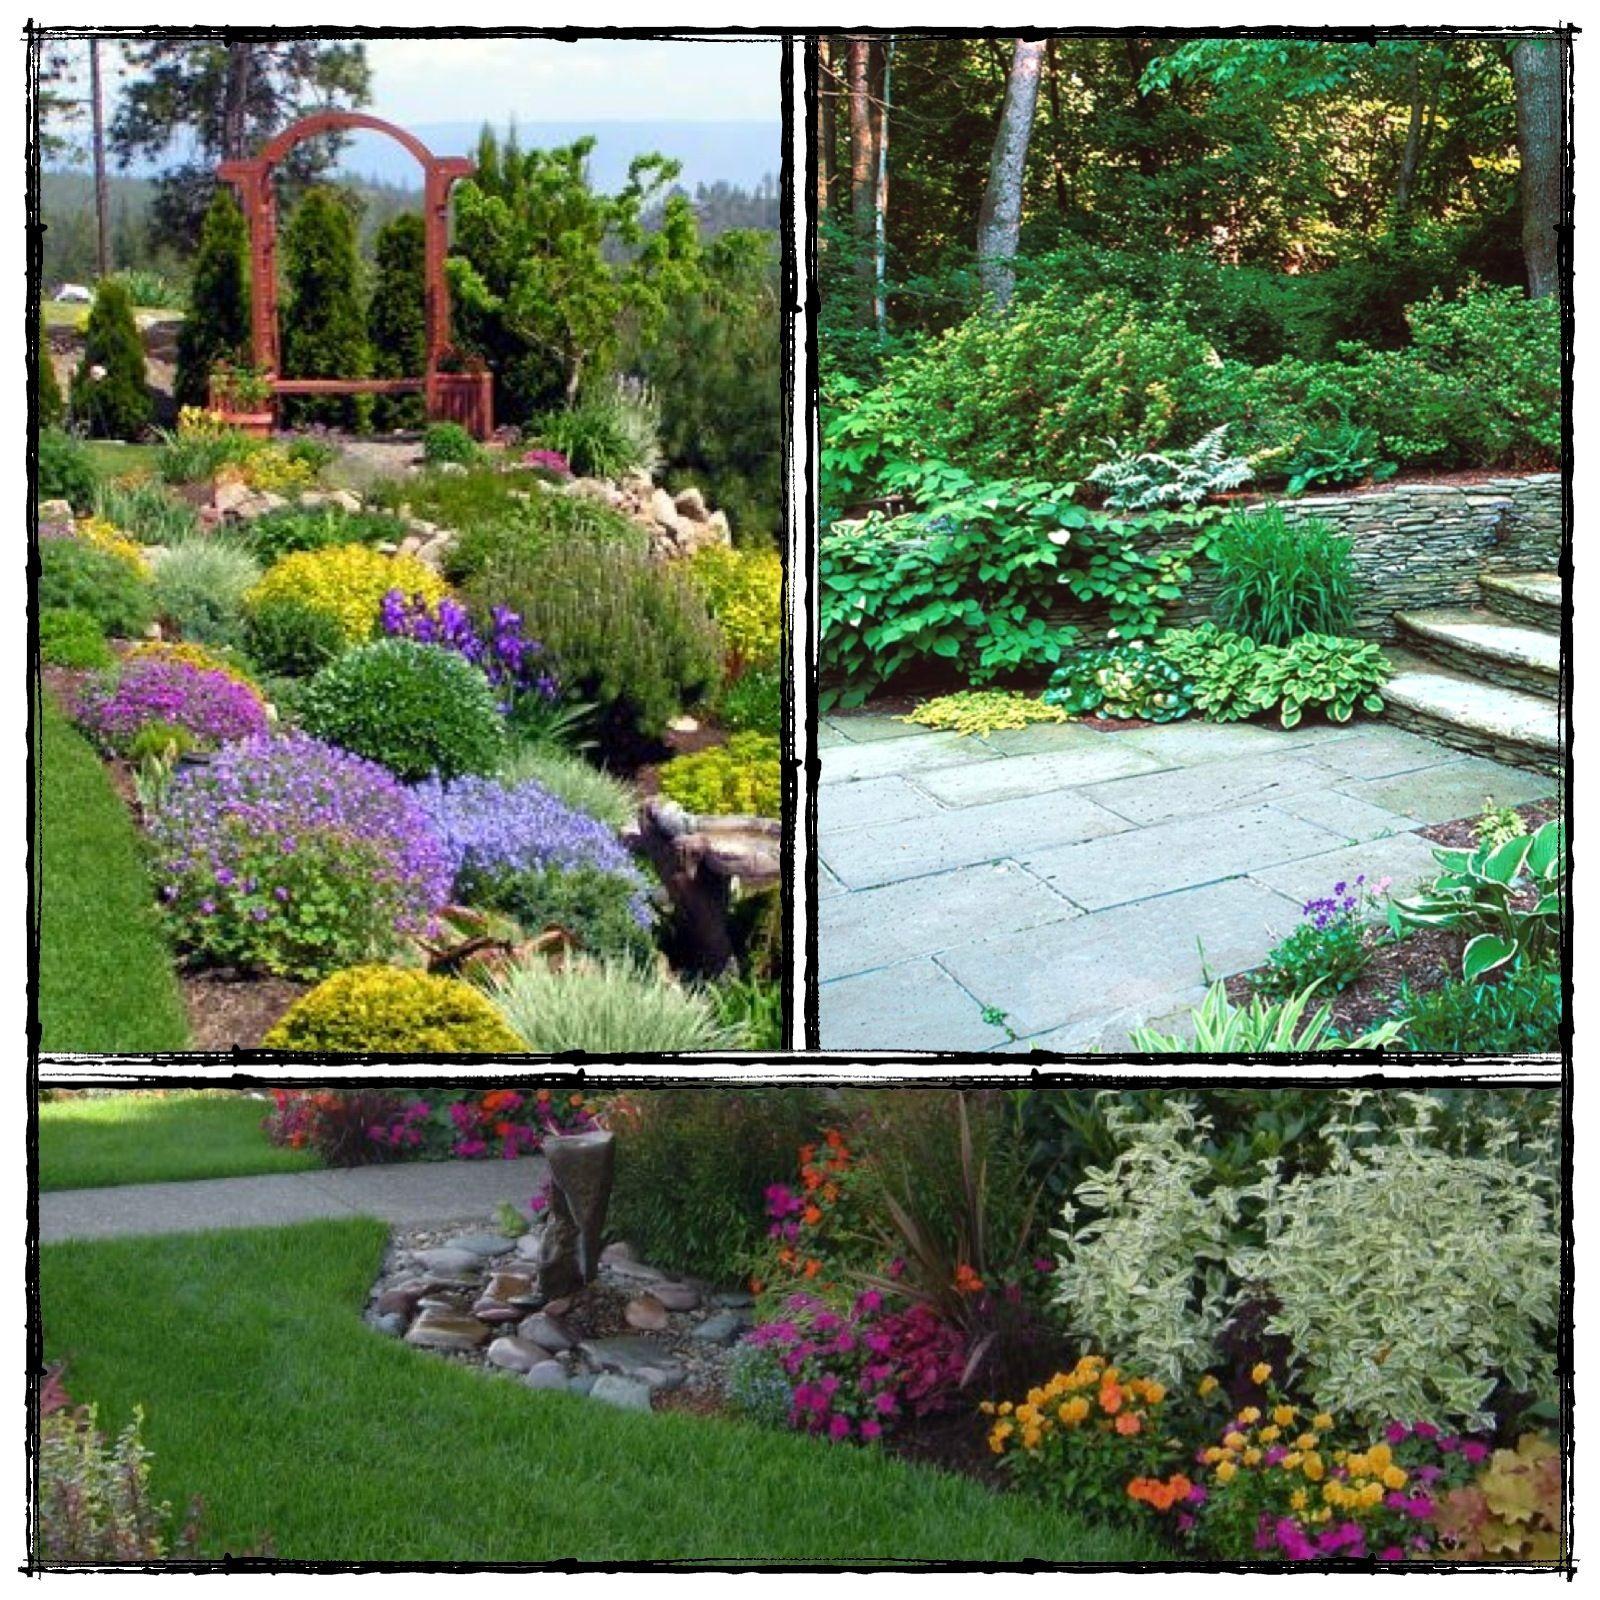 Eco Friendly Garden Ideas Sustainable mulch meeting eco friendly gardening needs gardens sustainable mulch meeting eco friendly gardening needs workwithnaturefo